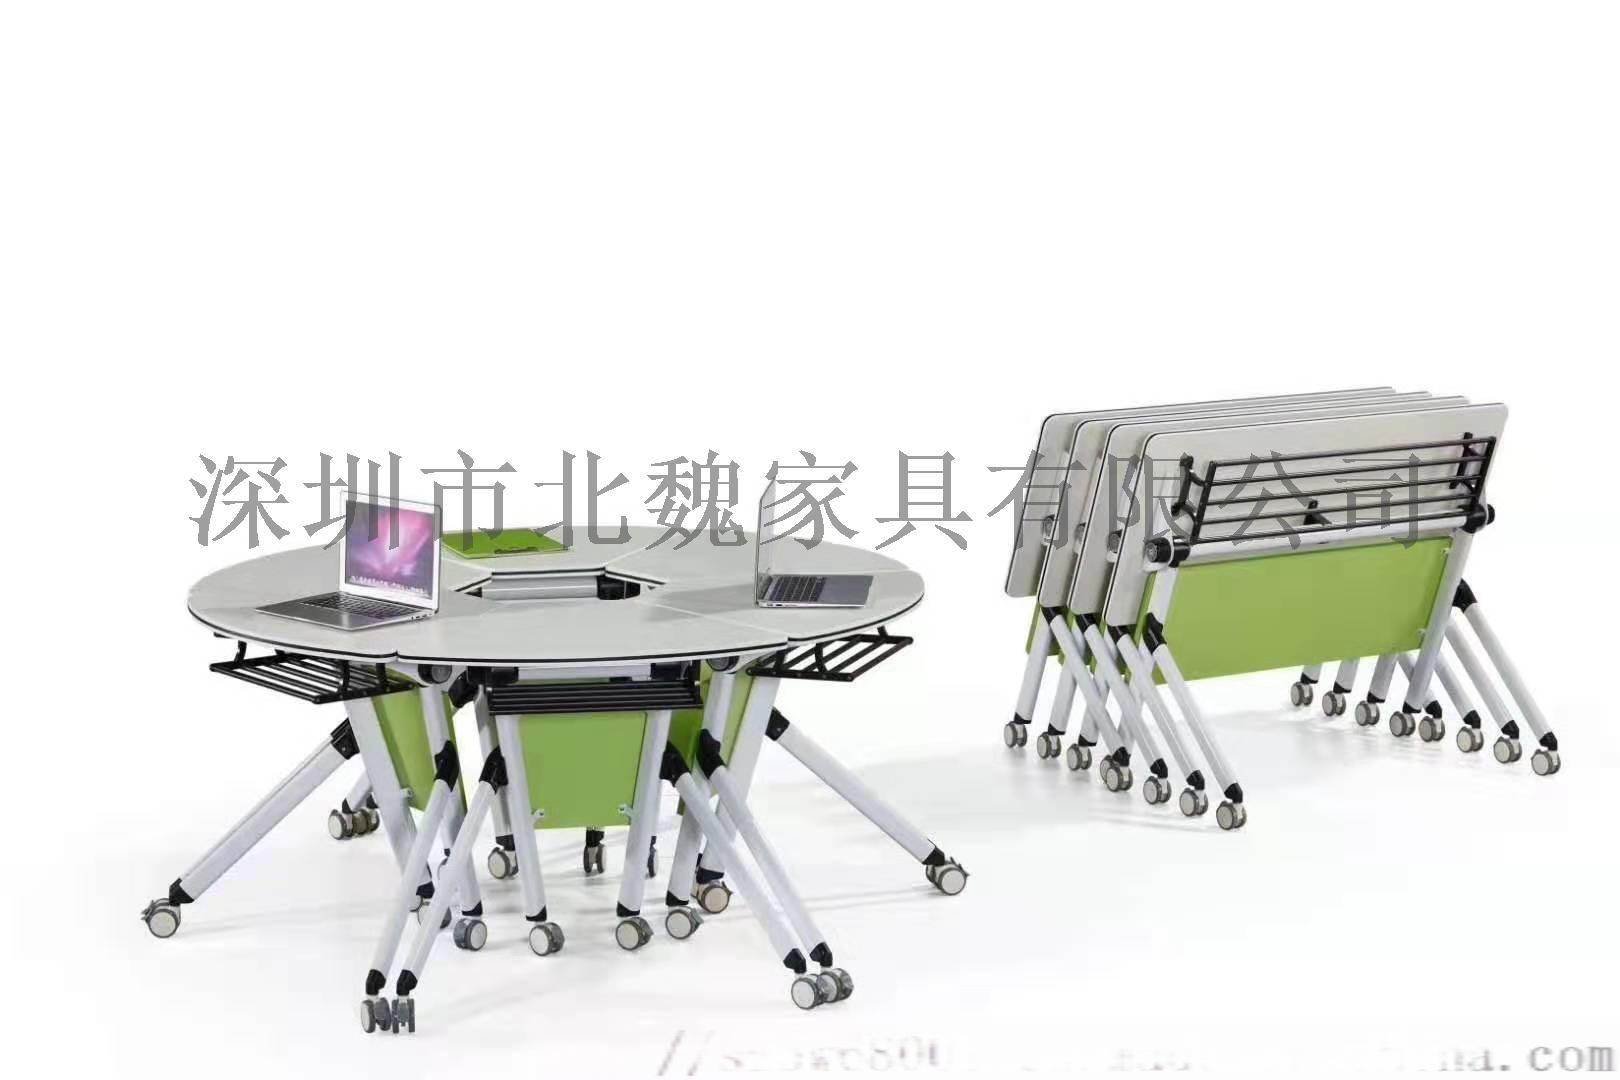 折叠培训桌 可折叠培训台 广东培训桌生产厂家123069535